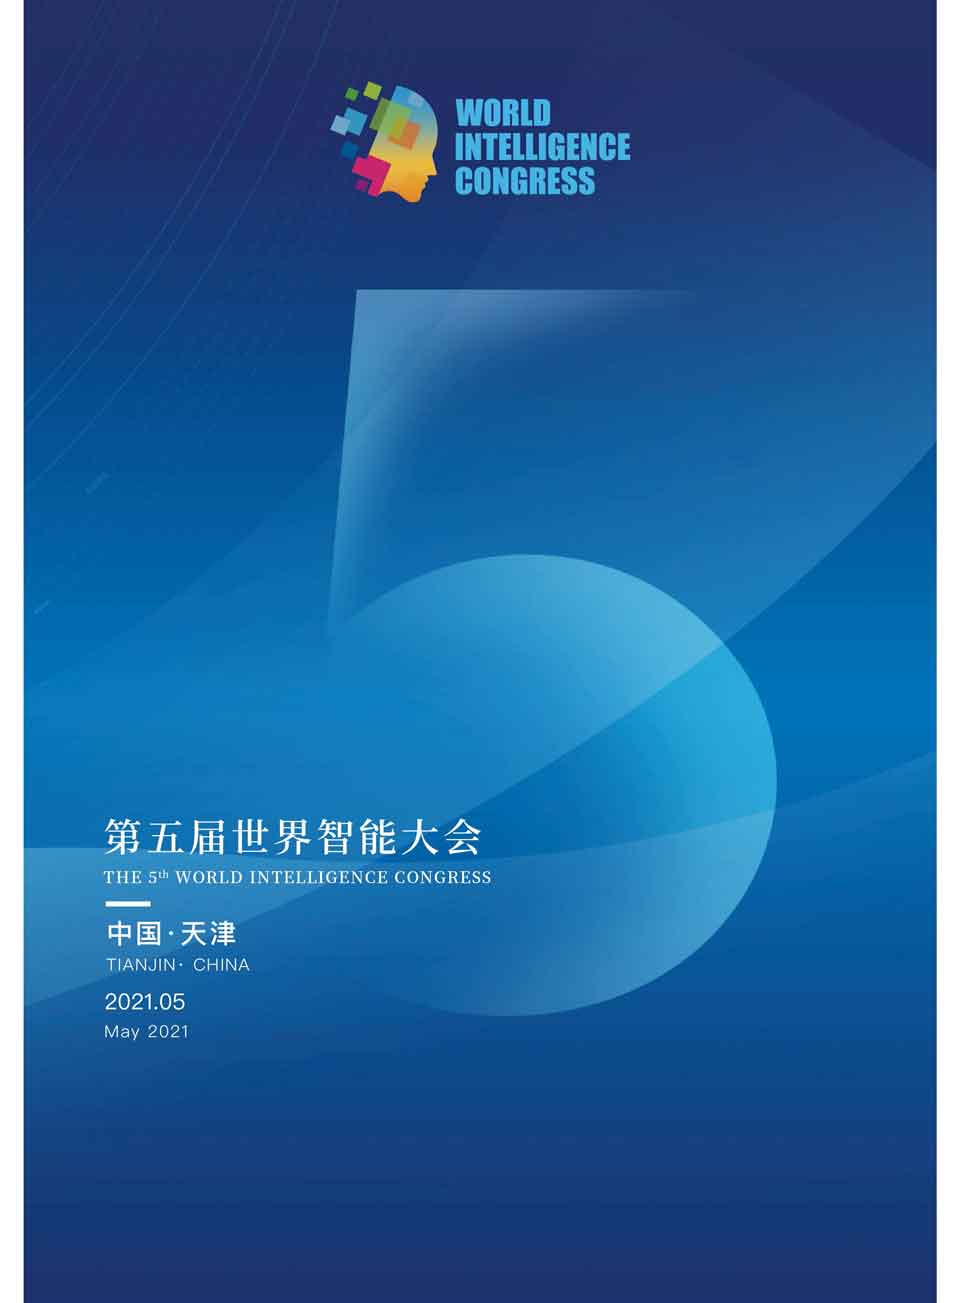 第五届世界智能大会宣传册